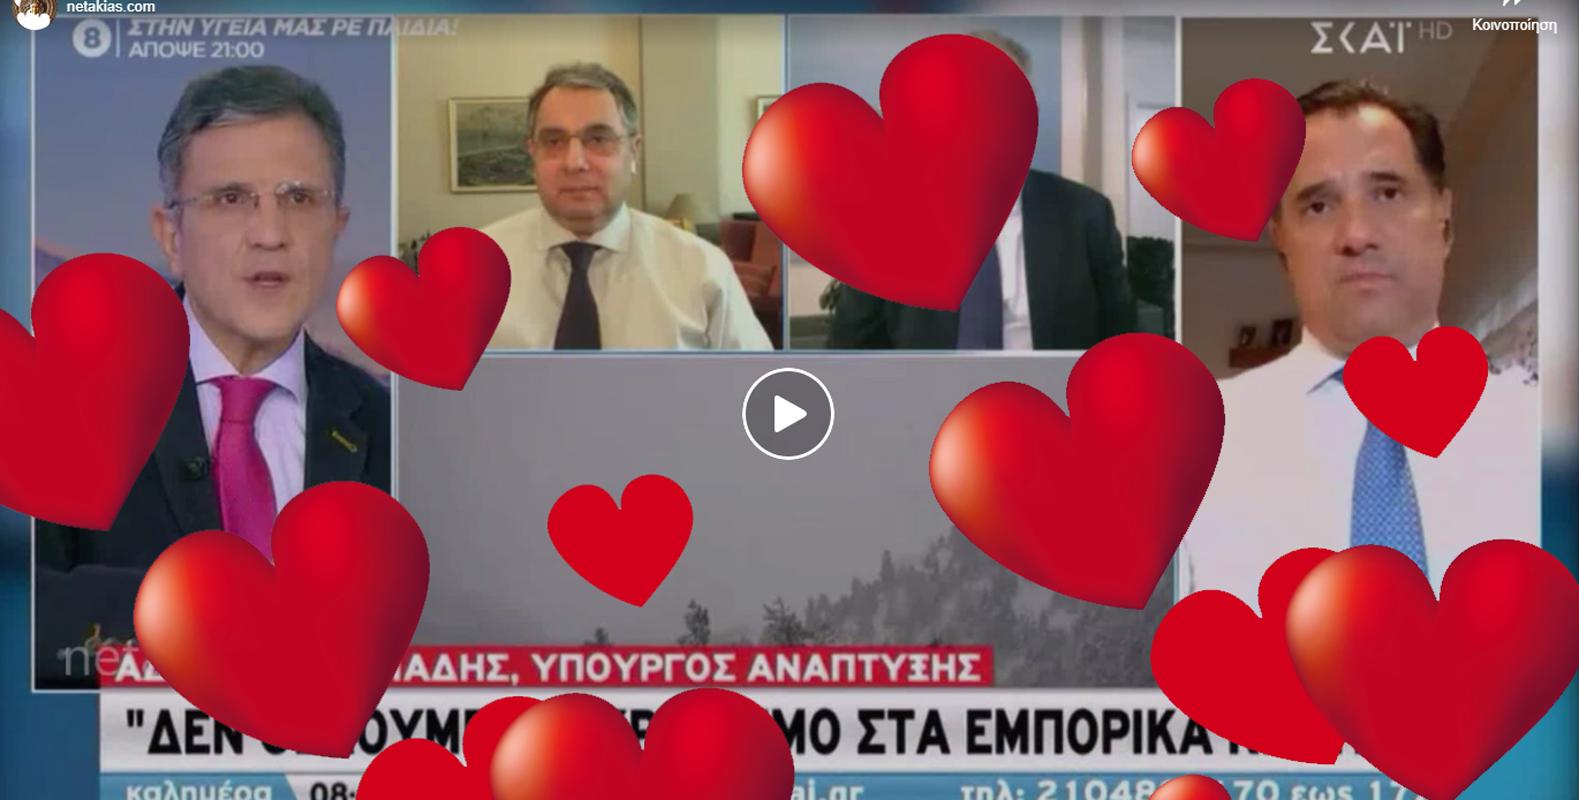 Ερωτική εξομολόγηση Βασίλη Κορκίδη σε Άδωνι Γεωργιάδη στα όρια…παρεξήγησης (Βίντεο)